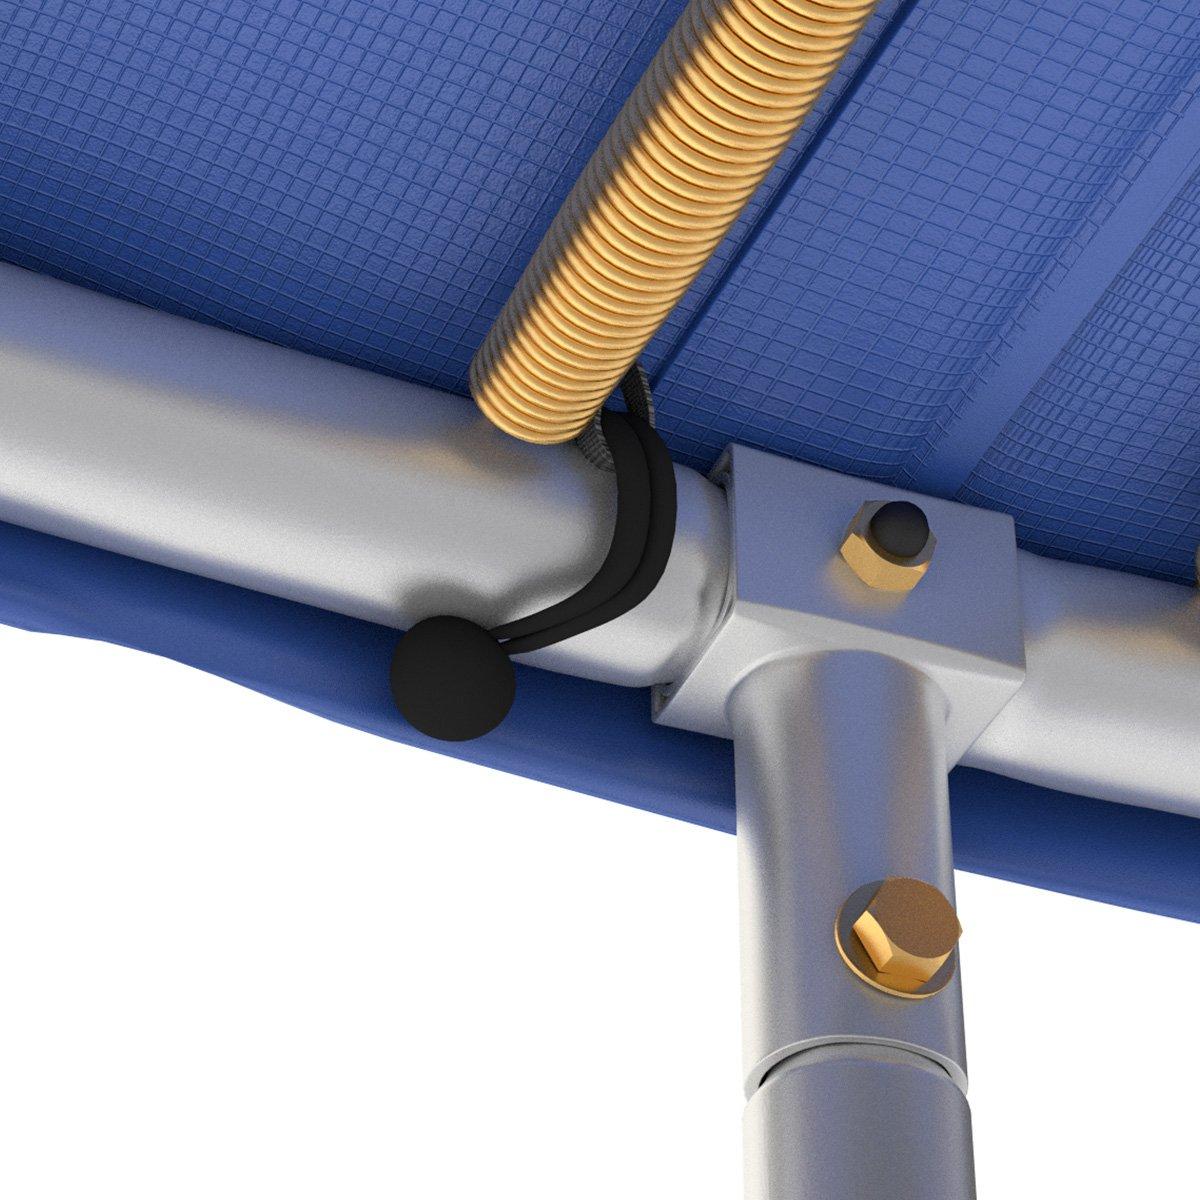 Bodenanker mit Haken Ampel 24 Erdanker-Set 6 Erdspie/ße zur Sicherung bei Wind